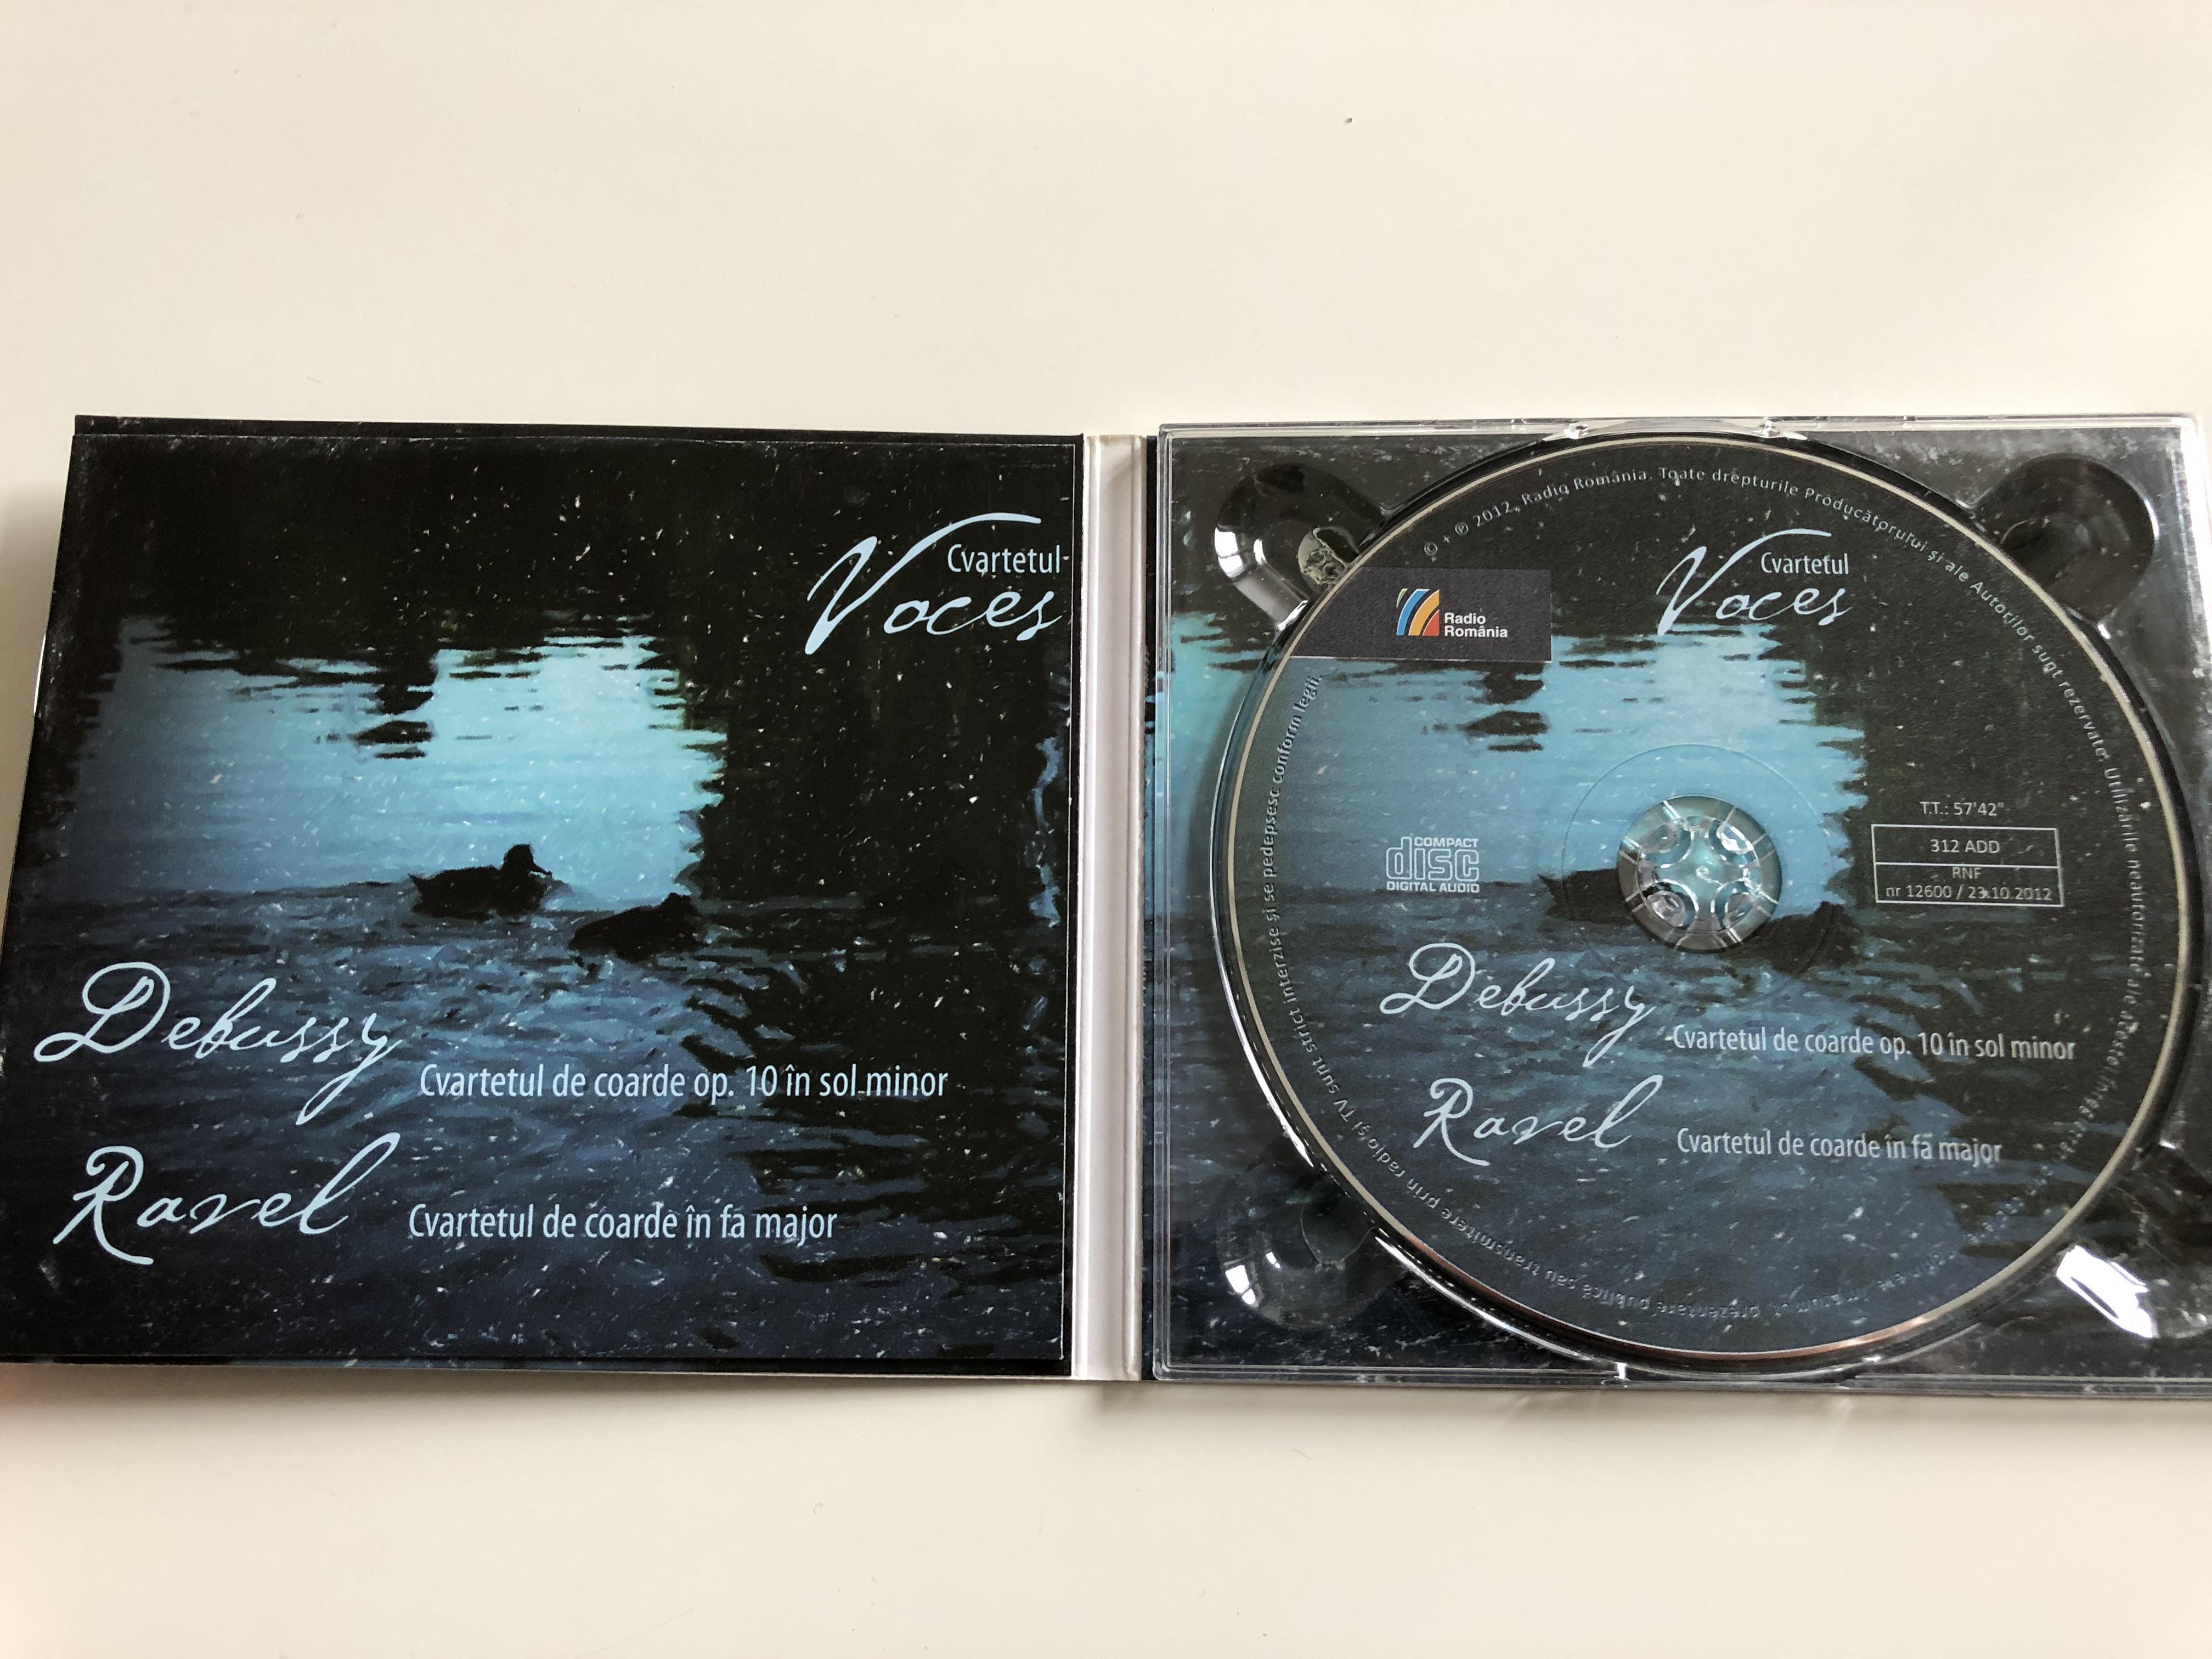 cvartetul-voces-debussy-cvartetul-de-coarde-op.-10-in-sol-minor-ravel-cvartetul-de-coarde-in-fa-major-radio-romania-audio-cd-2012-2-.jpg